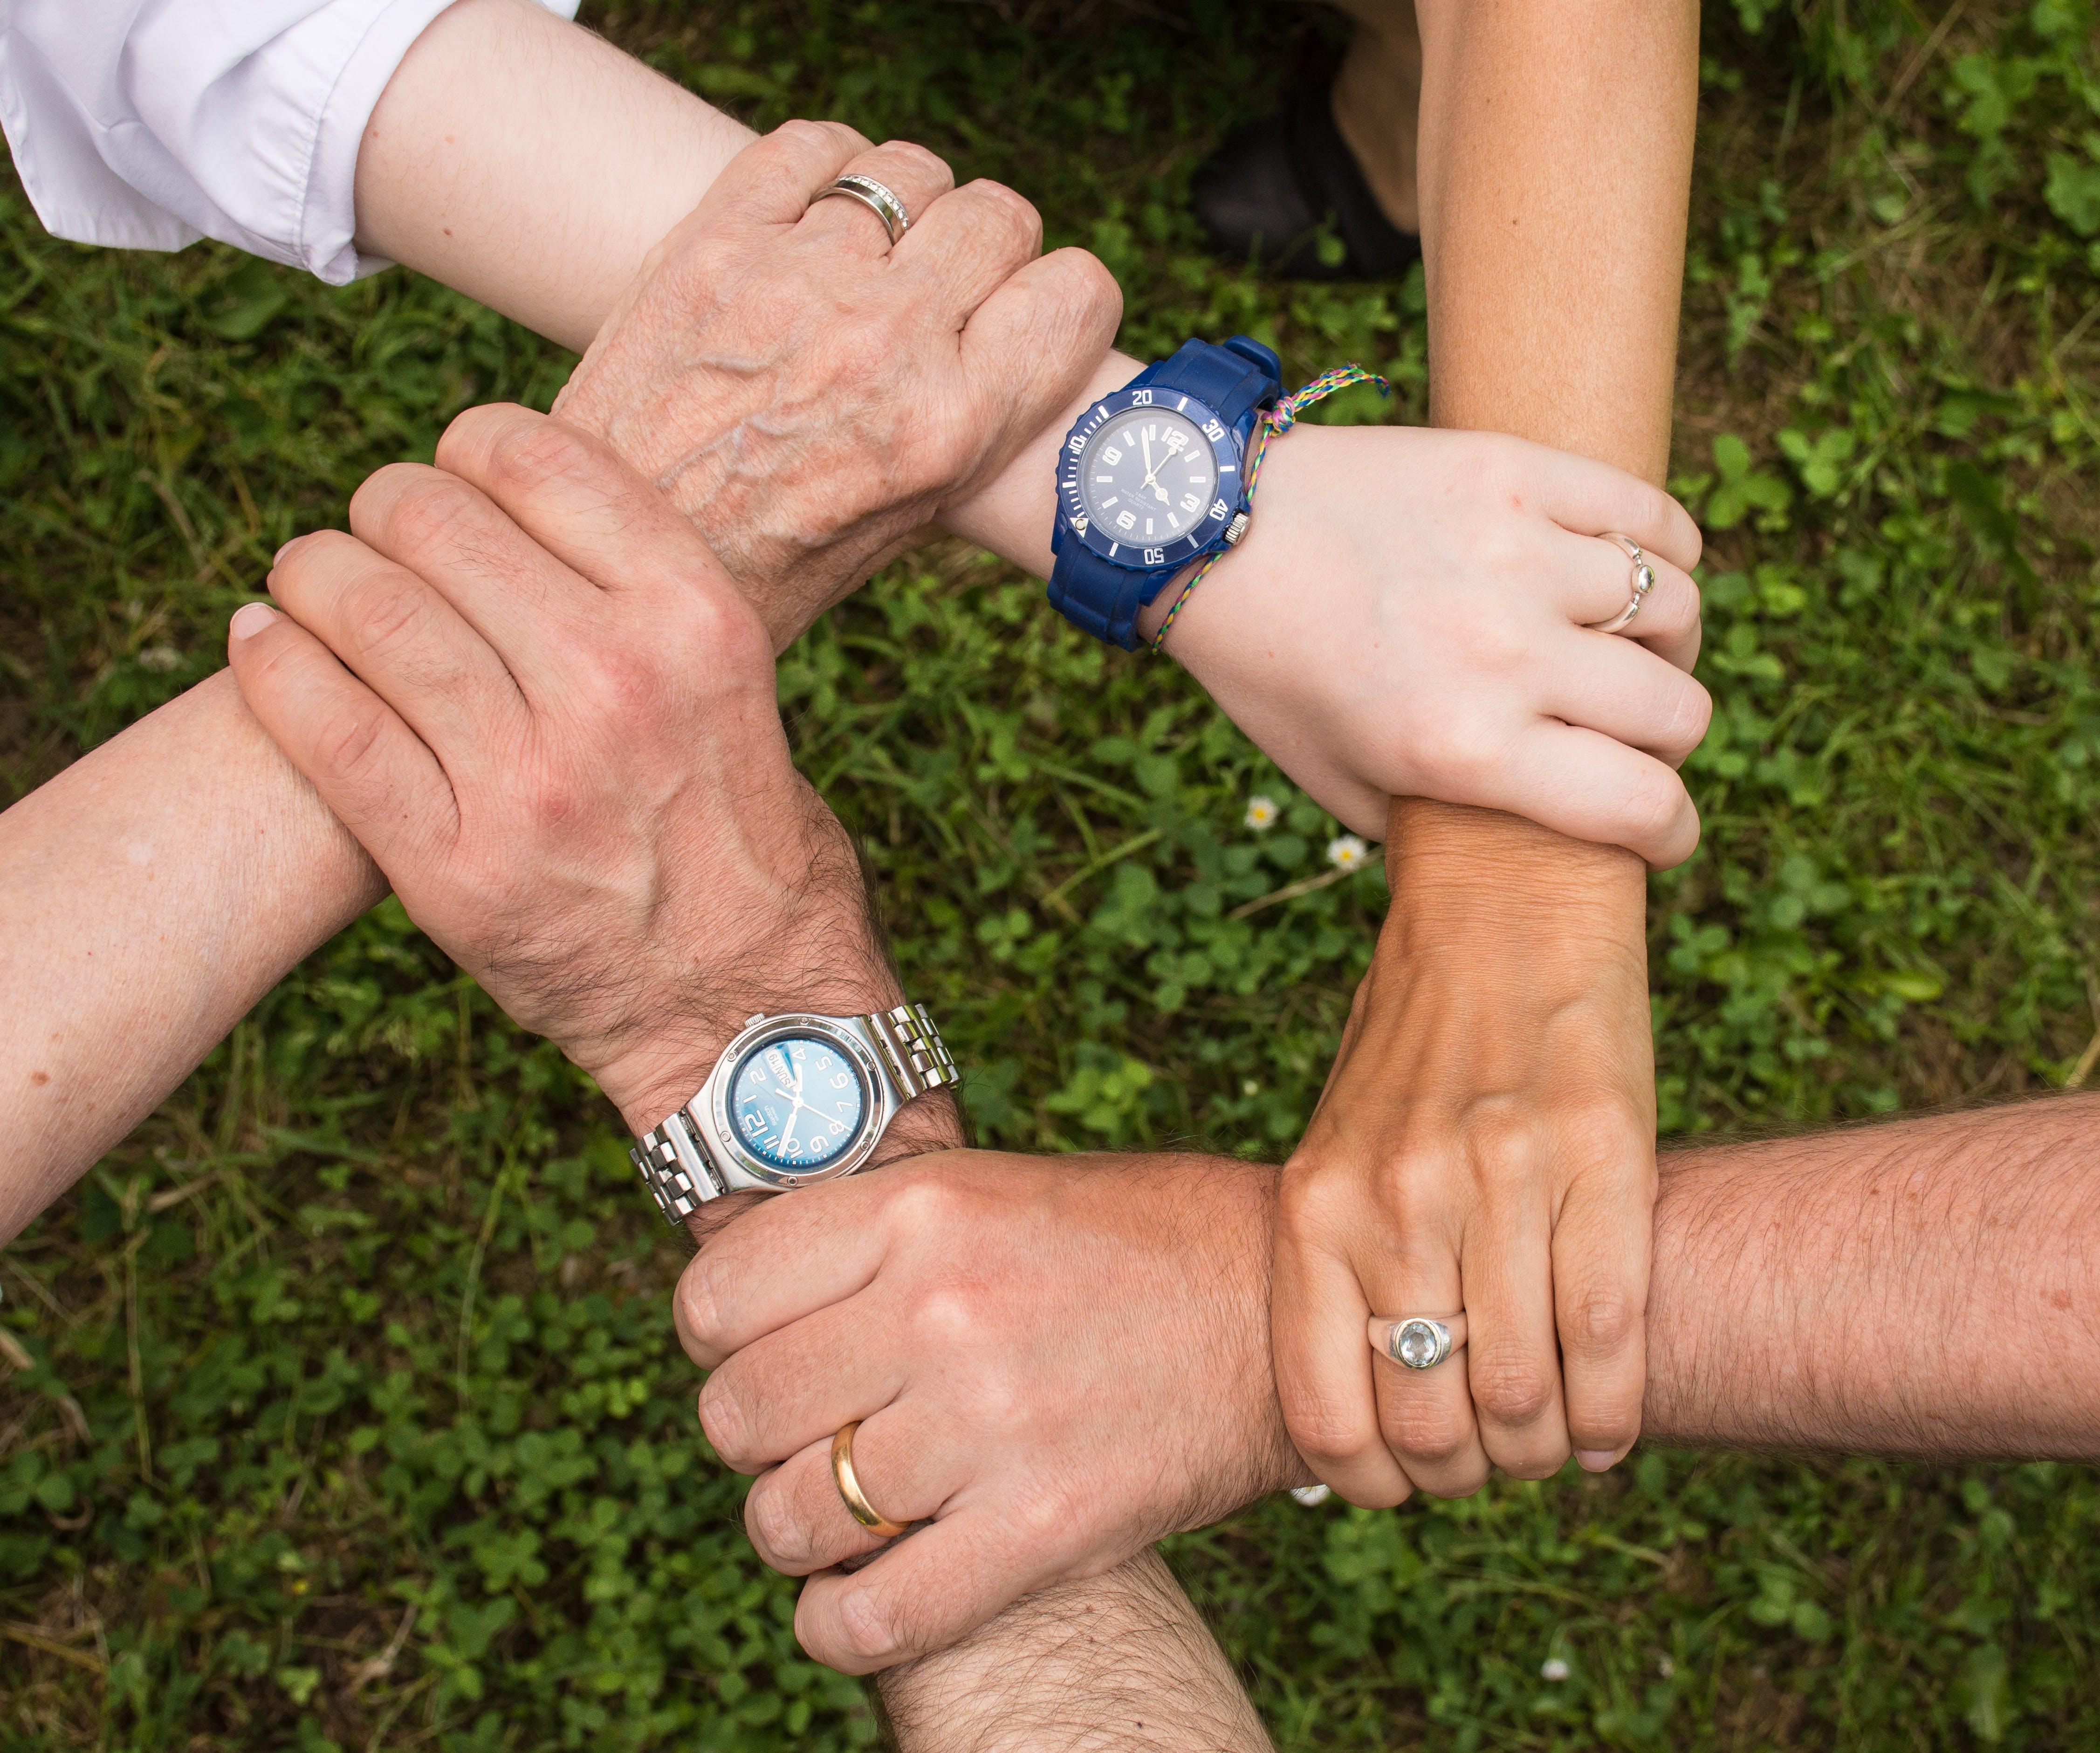 Titelbild-Reverse-Mentoring-Junior-Senior-Hände-Teamwork-Teamgeist-pixabay-2448837-Anemone123